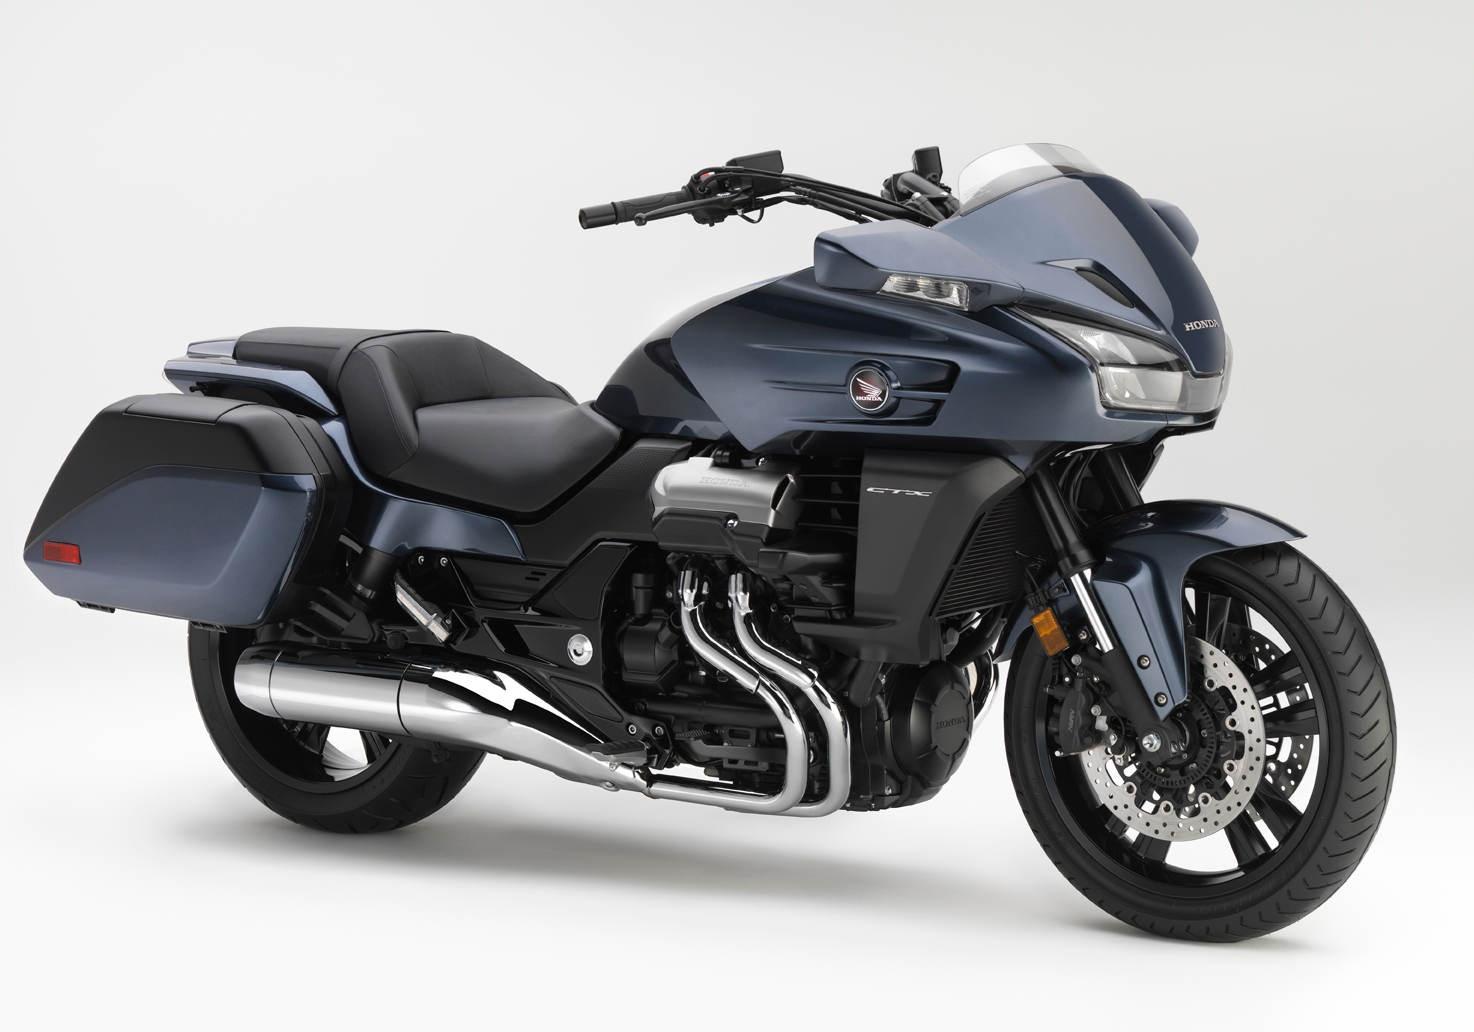 موتورسیکلت رویایی هوندا CTX1300، فقط 17,000 دلار